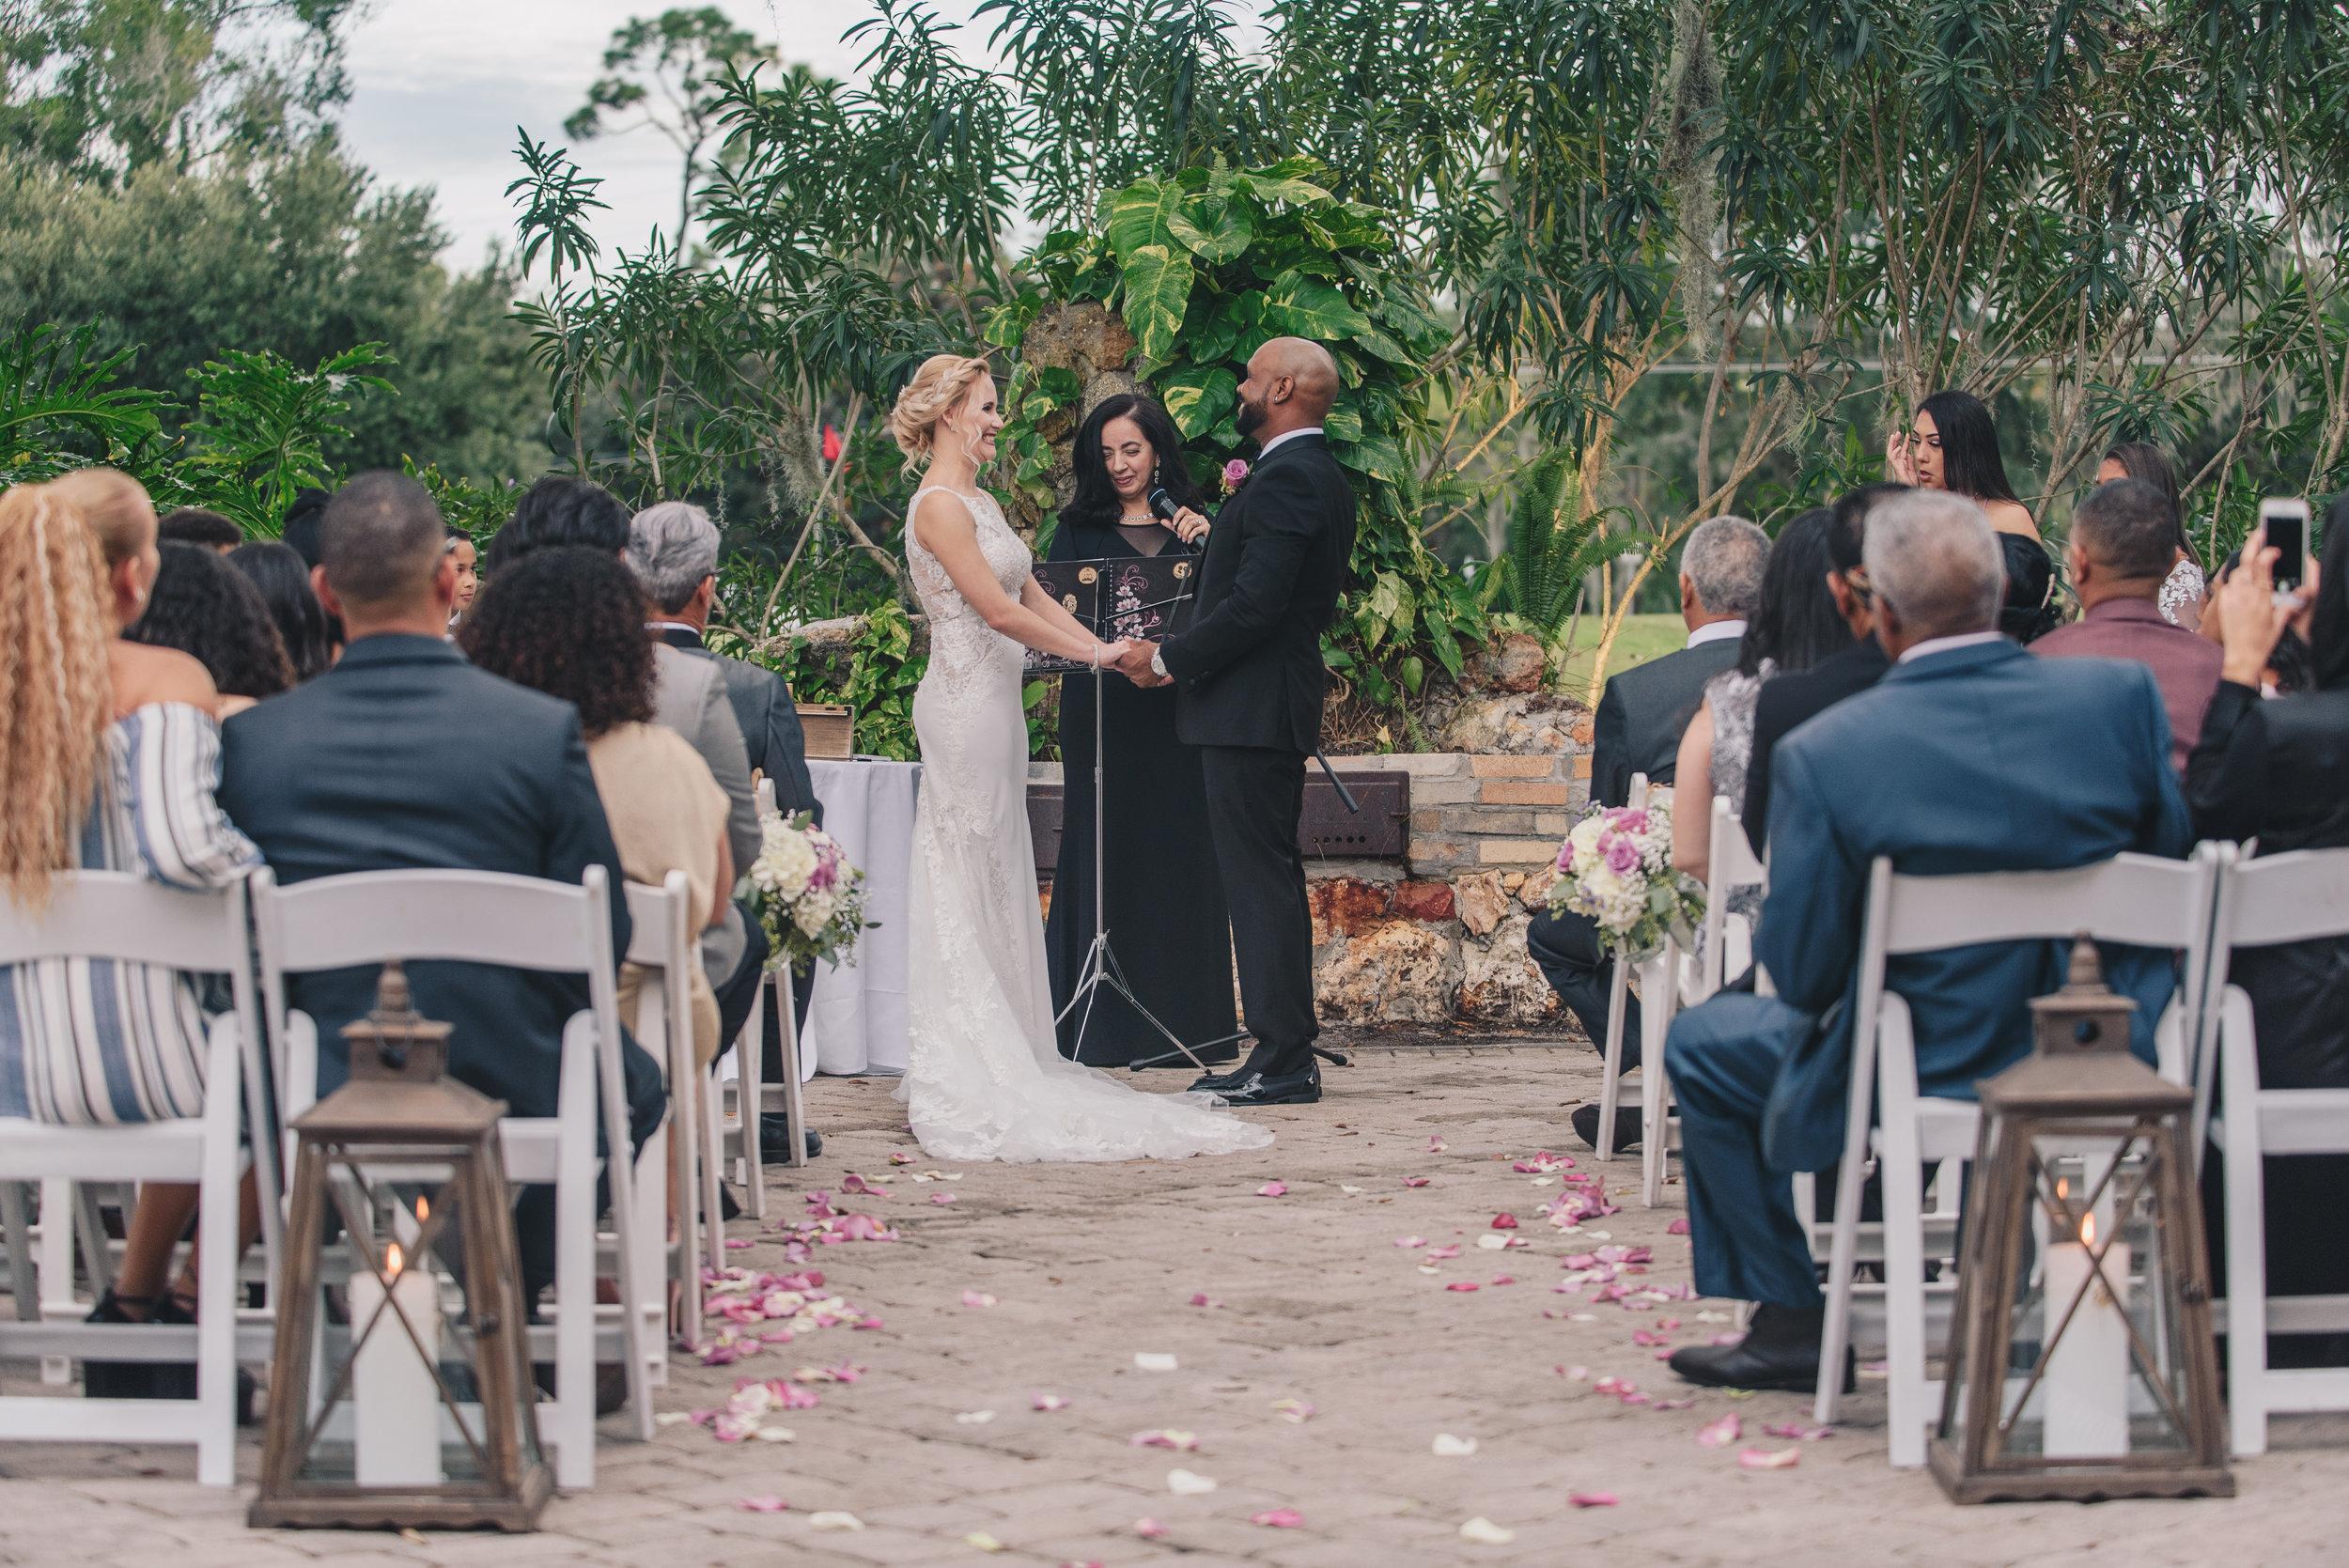 Los-Vargas-Photo-Wedding-Historic-Dubsdread-Ballroom-8192.jpg